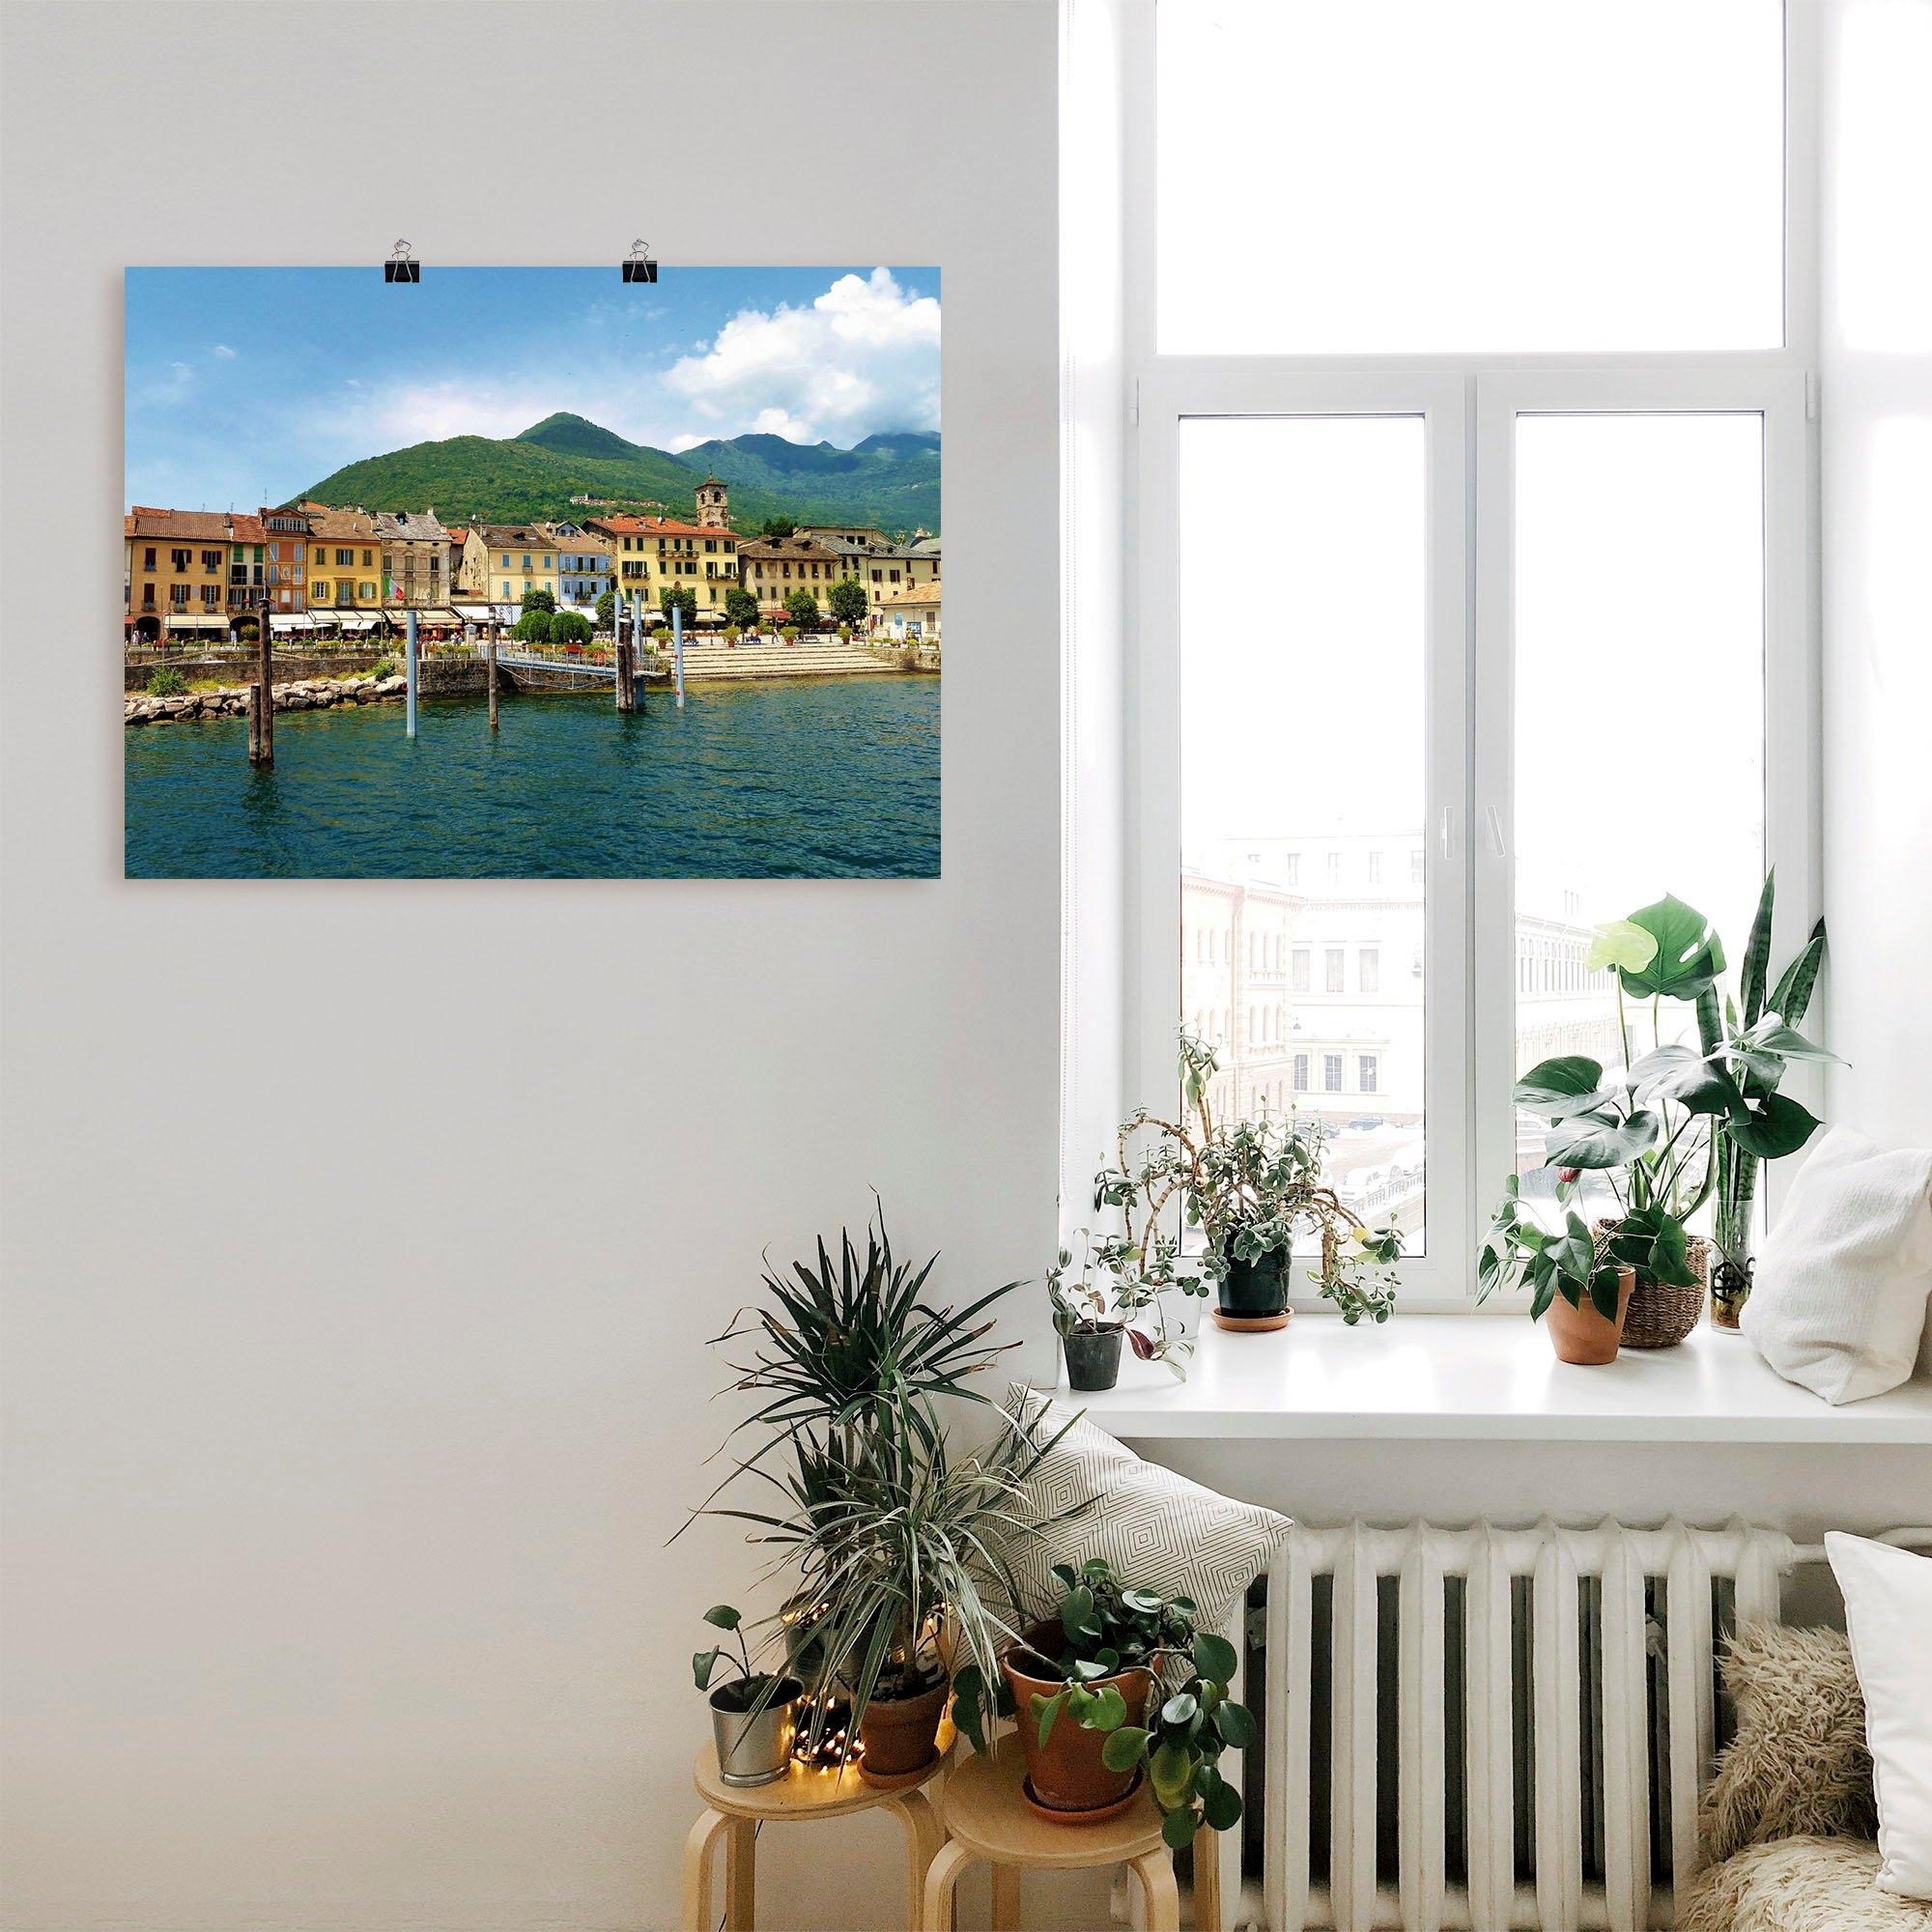 Artland artprint Cannobio aan de Lago Maggiore in vele afmetingen & productsoorten -artprint op linnen, poster, muursticker / wandfolie ook geschikt voor de badkamer (1 stuk) veilig op otto.nl kopen